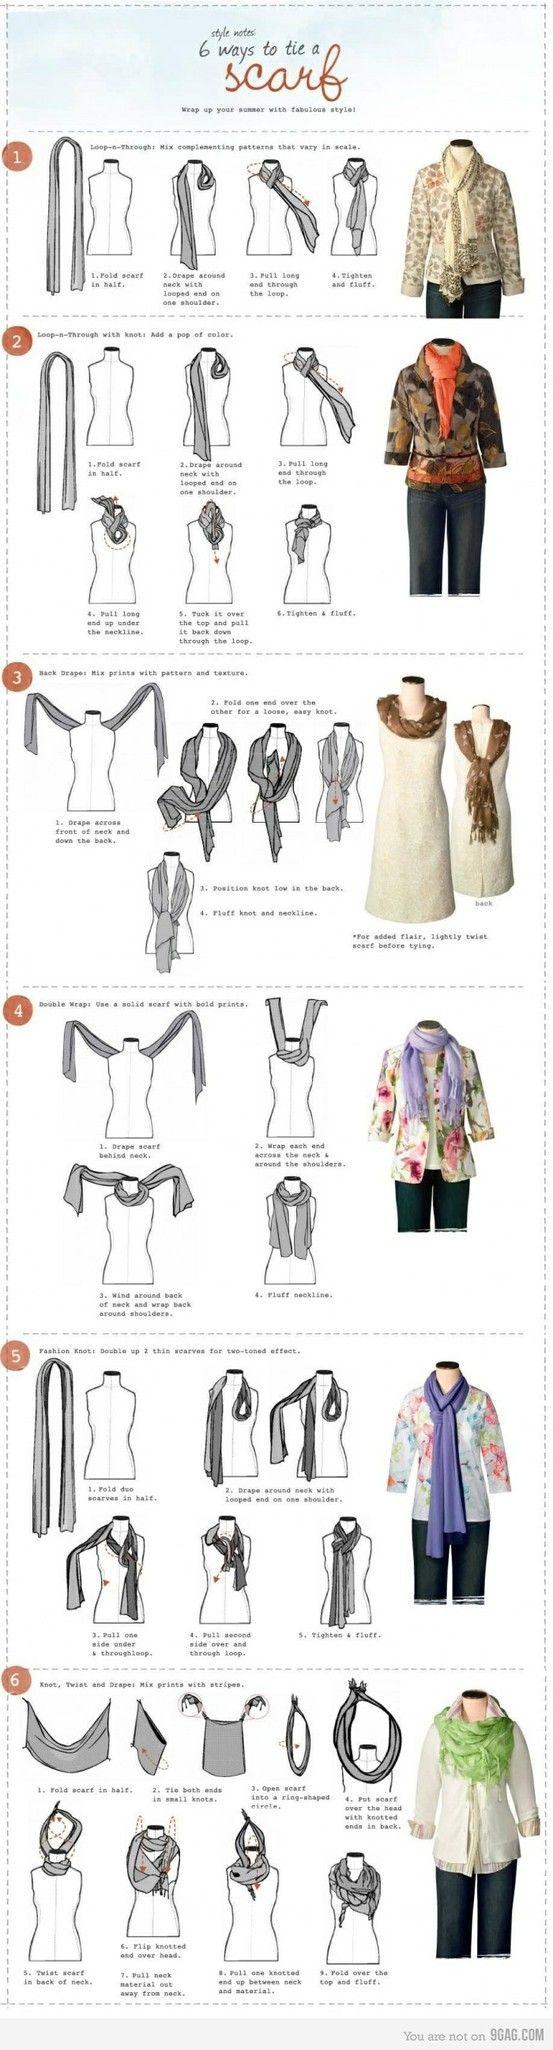 6 Ways to Tie a Scarf!